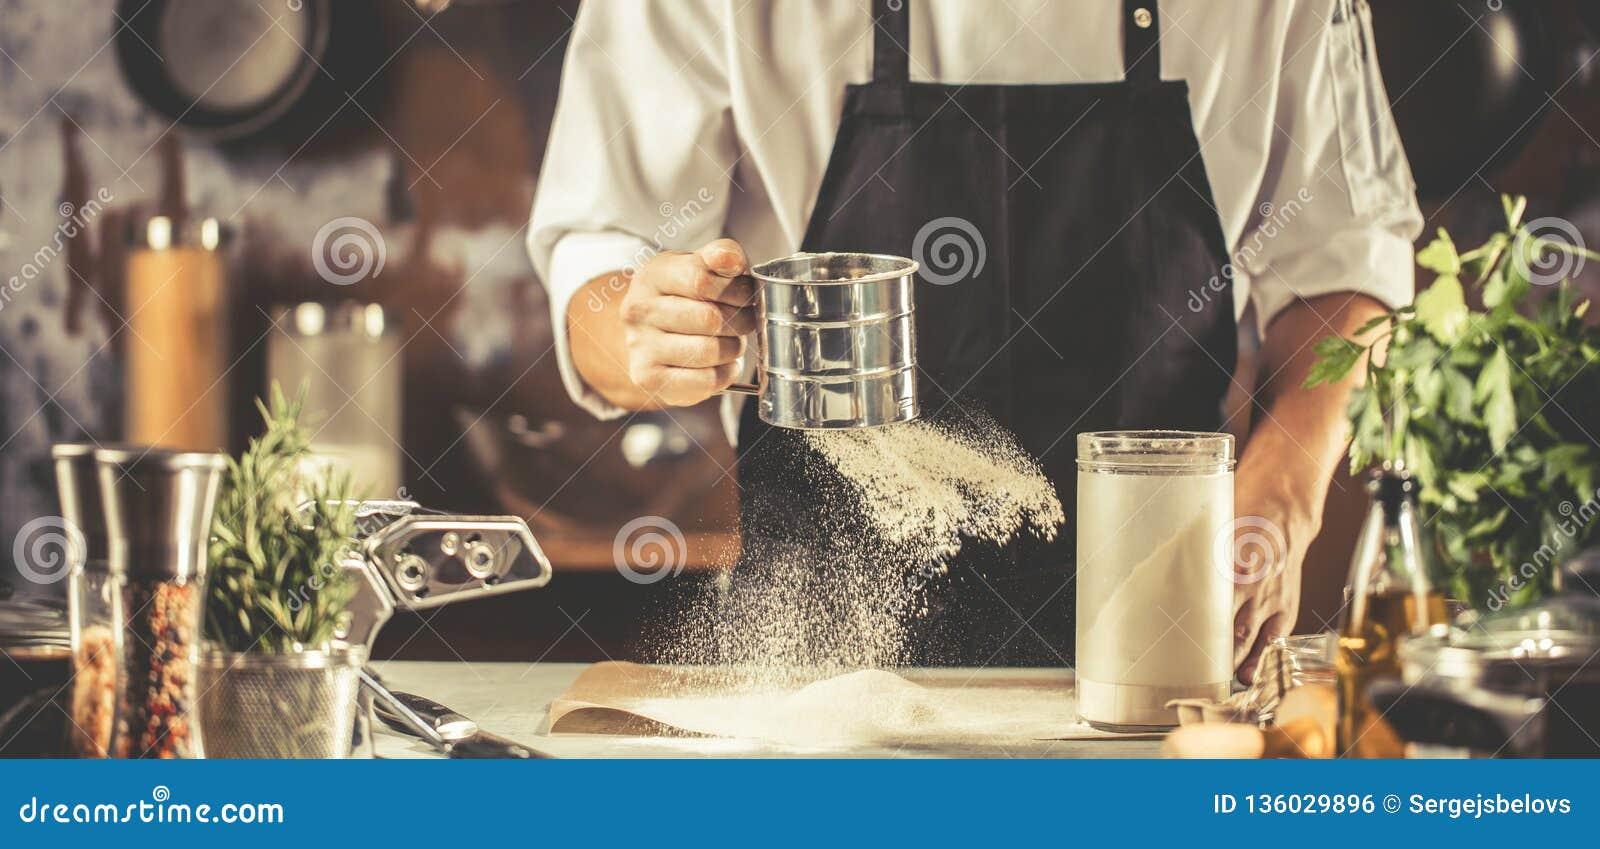 Μαγείρεμα, επάγγελμα και έννοια ανθρώπων - αρσενικός μάγειρας αρχιμαγείρων που κατασκευάζει τα τρόφιμα στην κουζίνα εστιατορίων